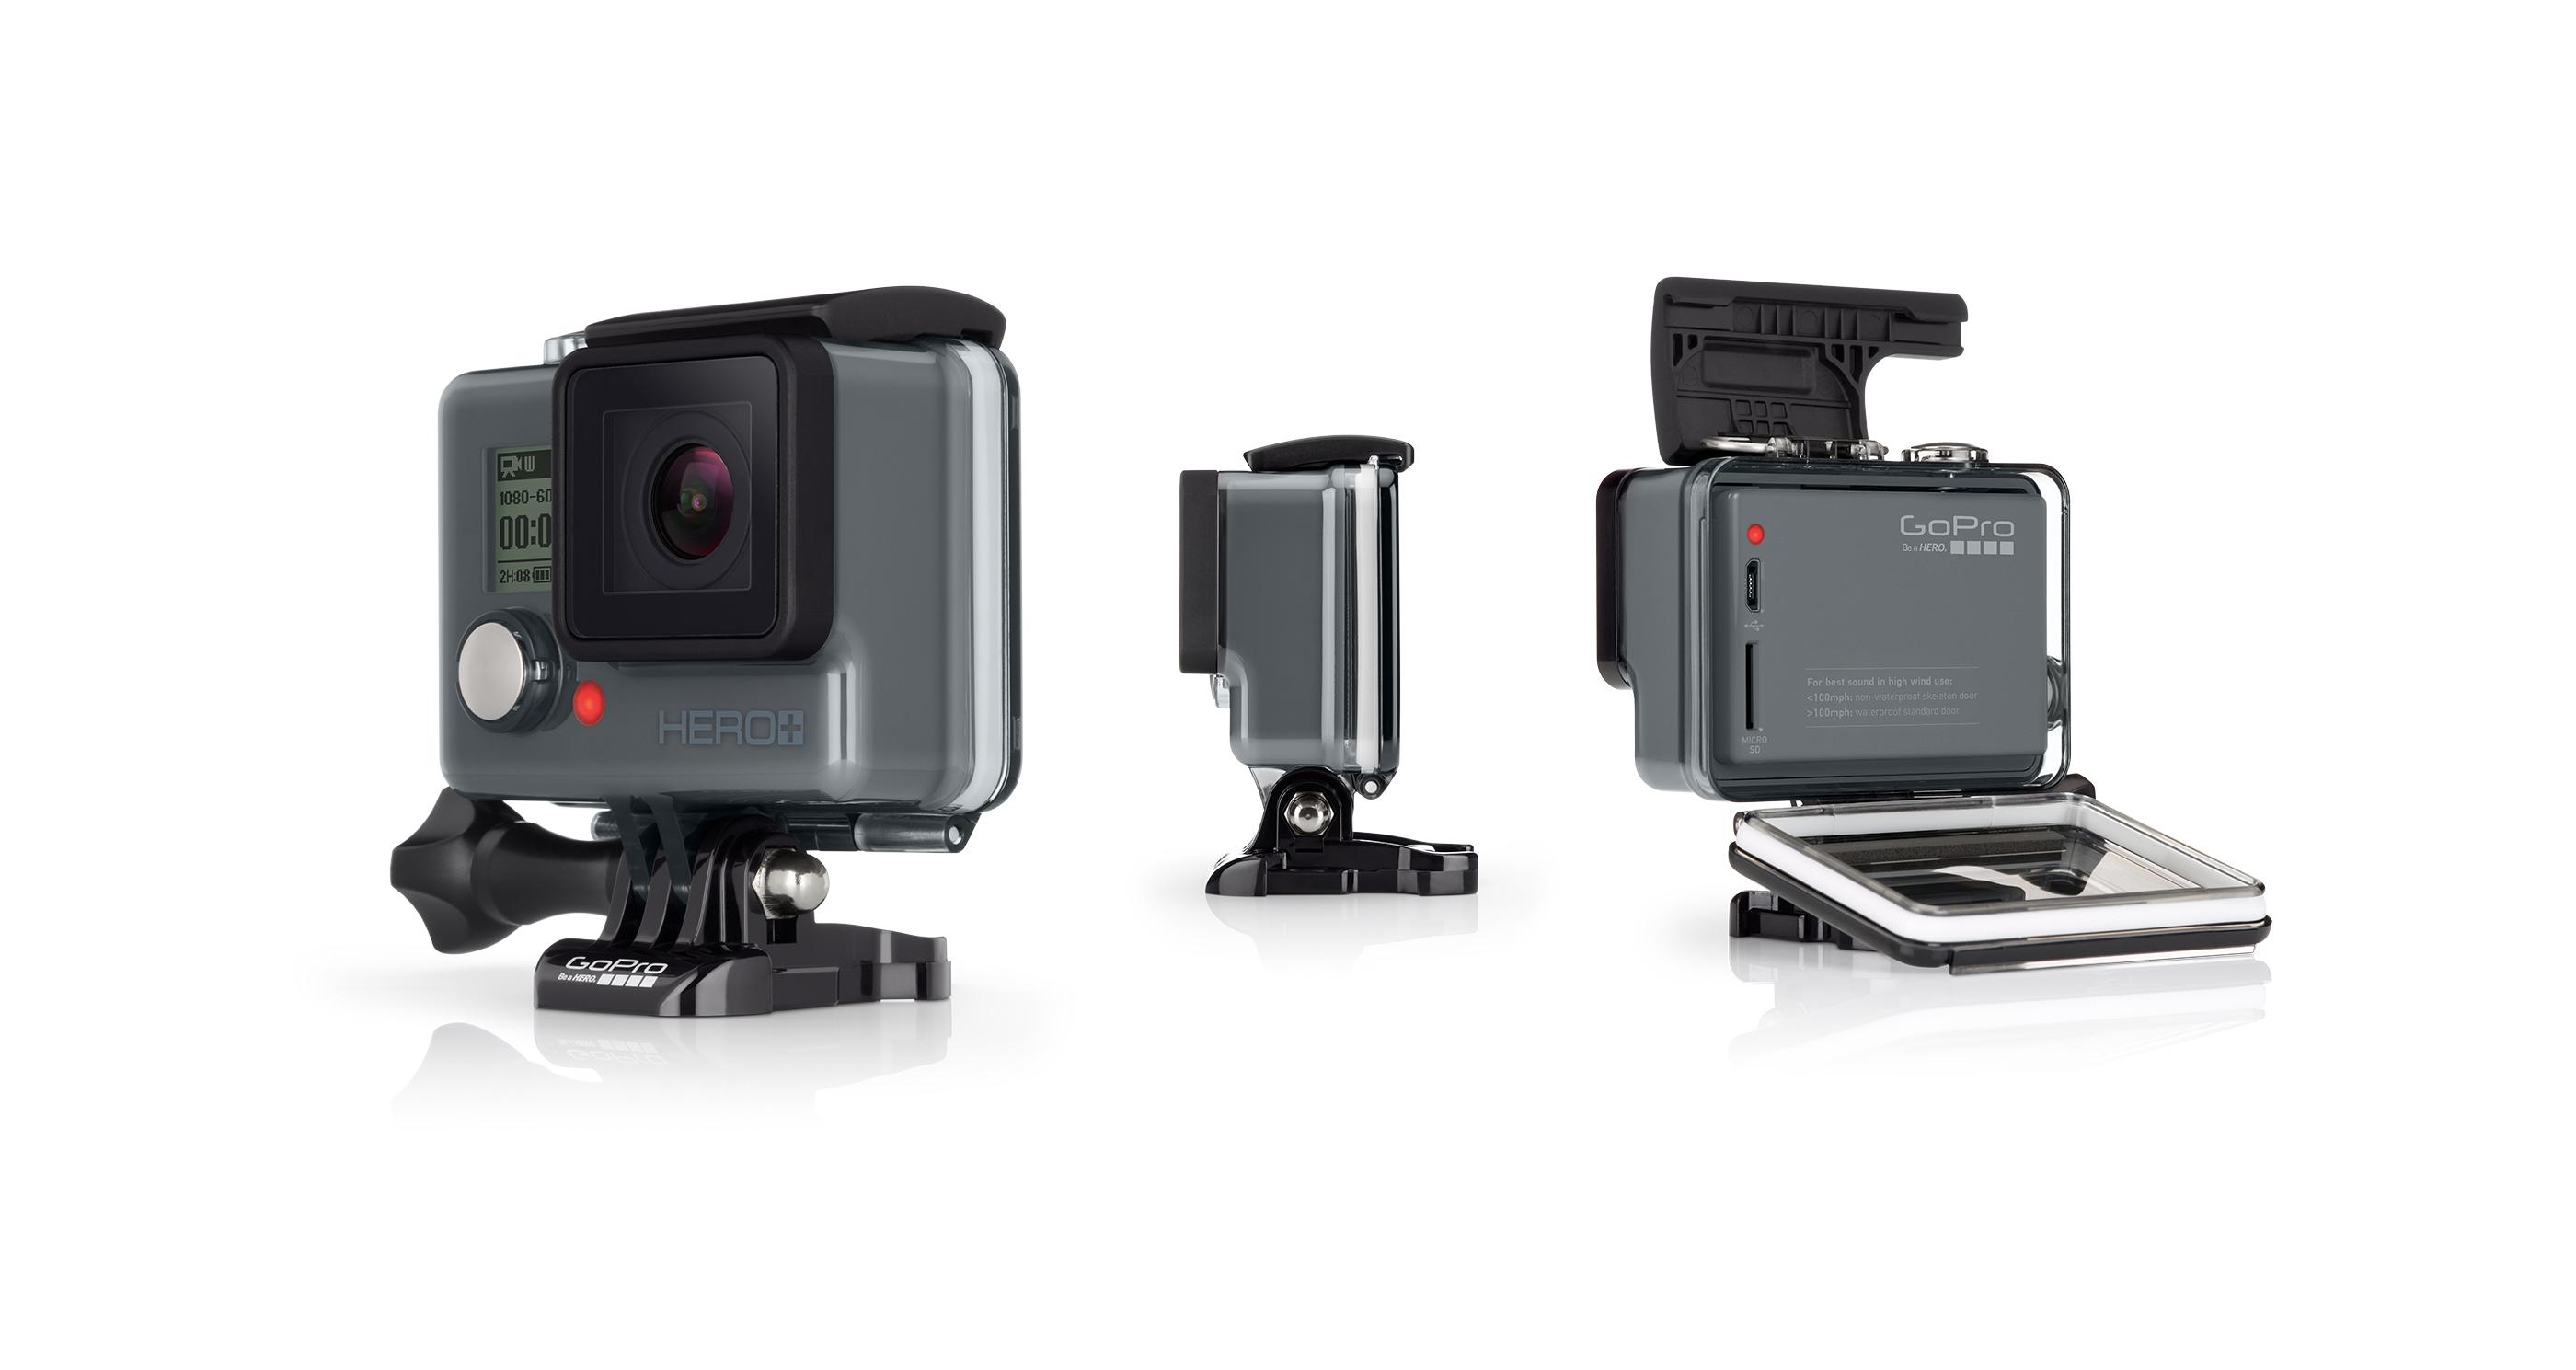 Olcsó modellt dobott piacra a GoPro